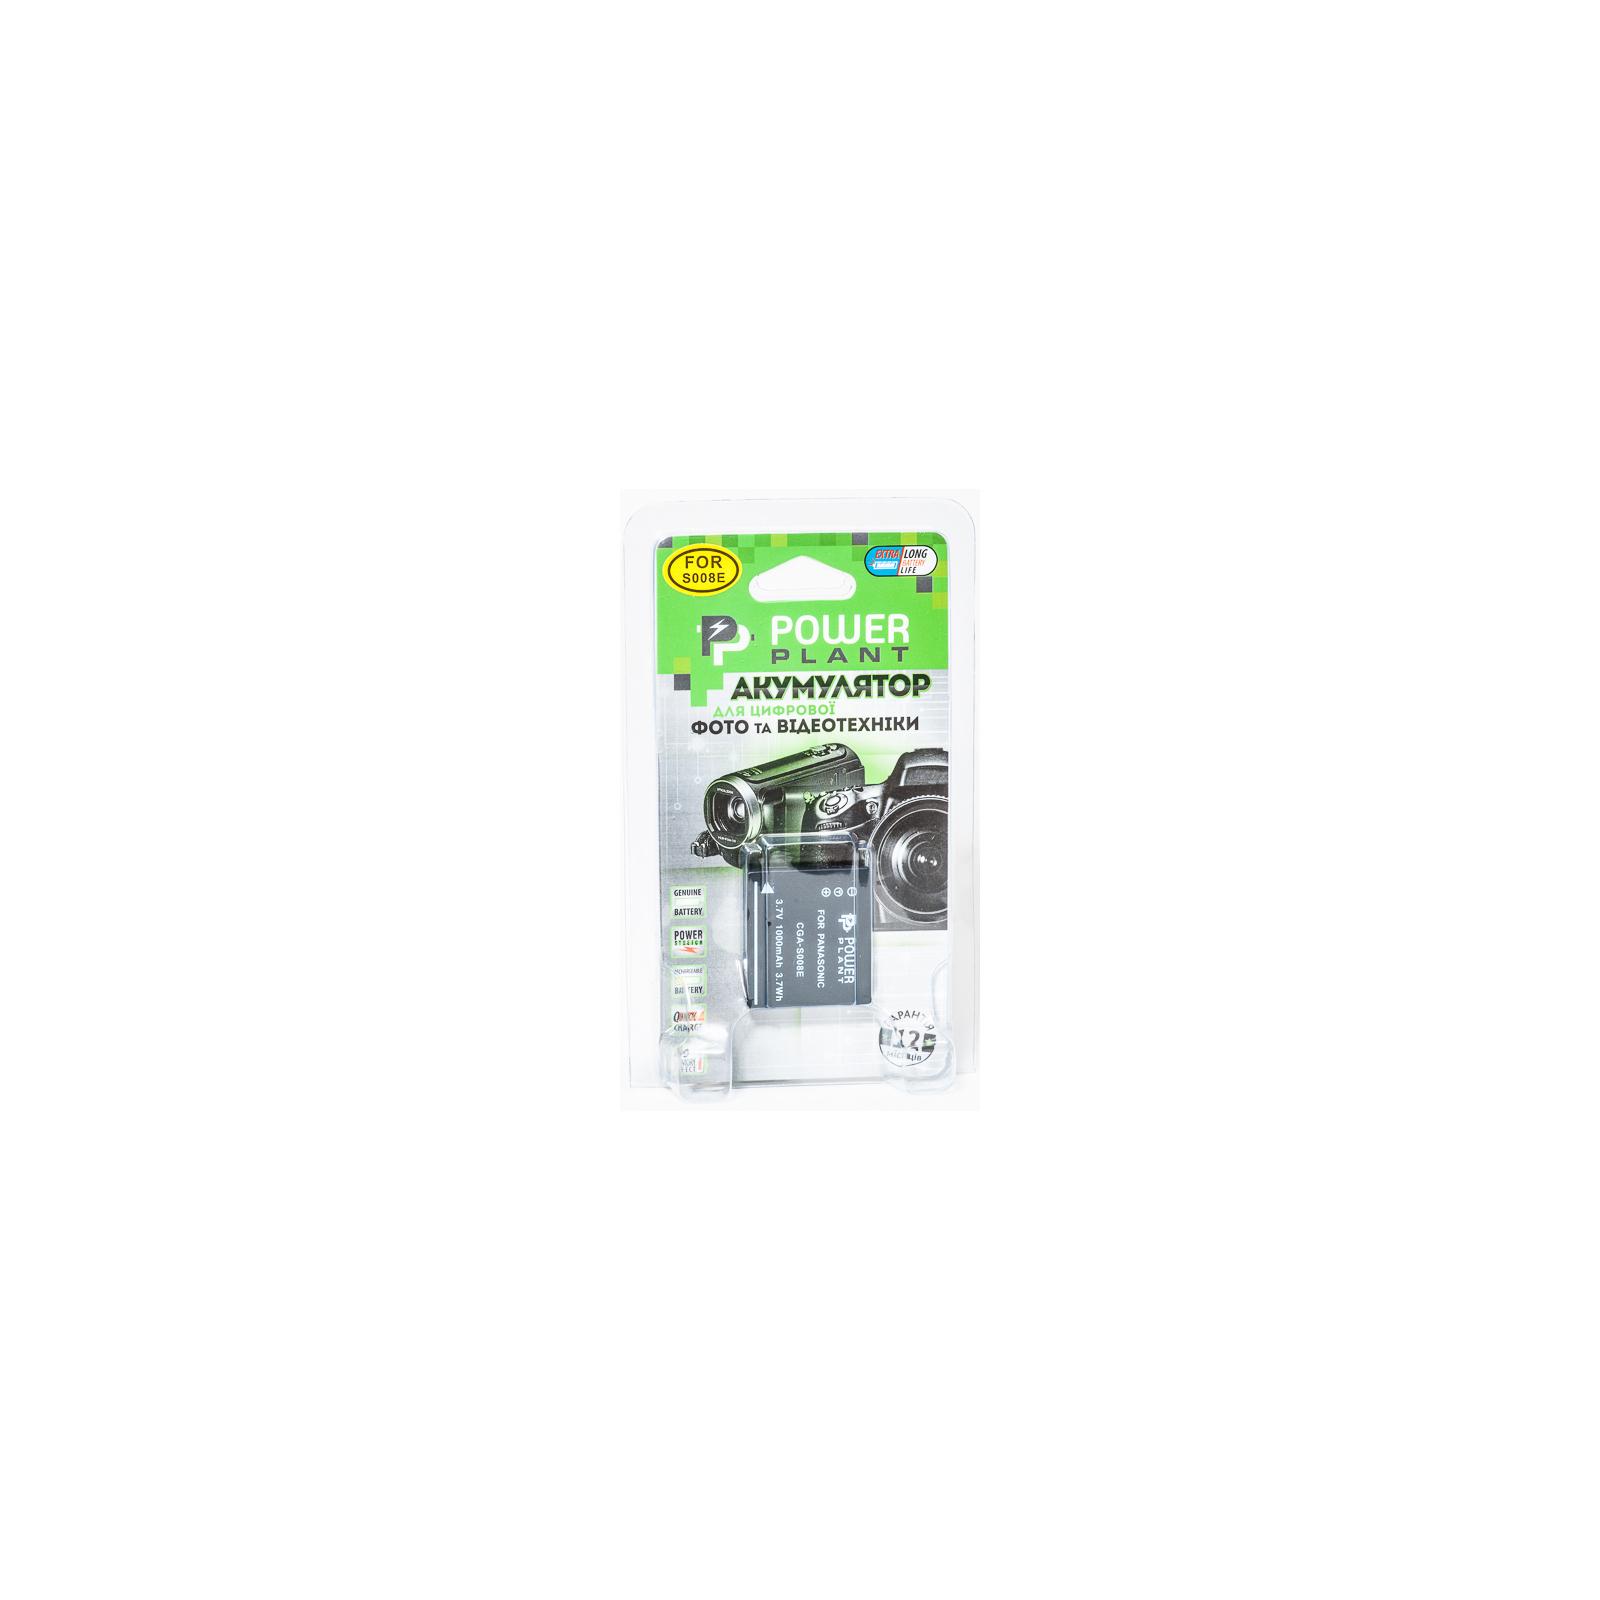 Аккумулятор к фото/видео PowerPlant Panasonic CGA-S008, DB-70, DMW-BCE10 (DV00DV1216) изображение 3